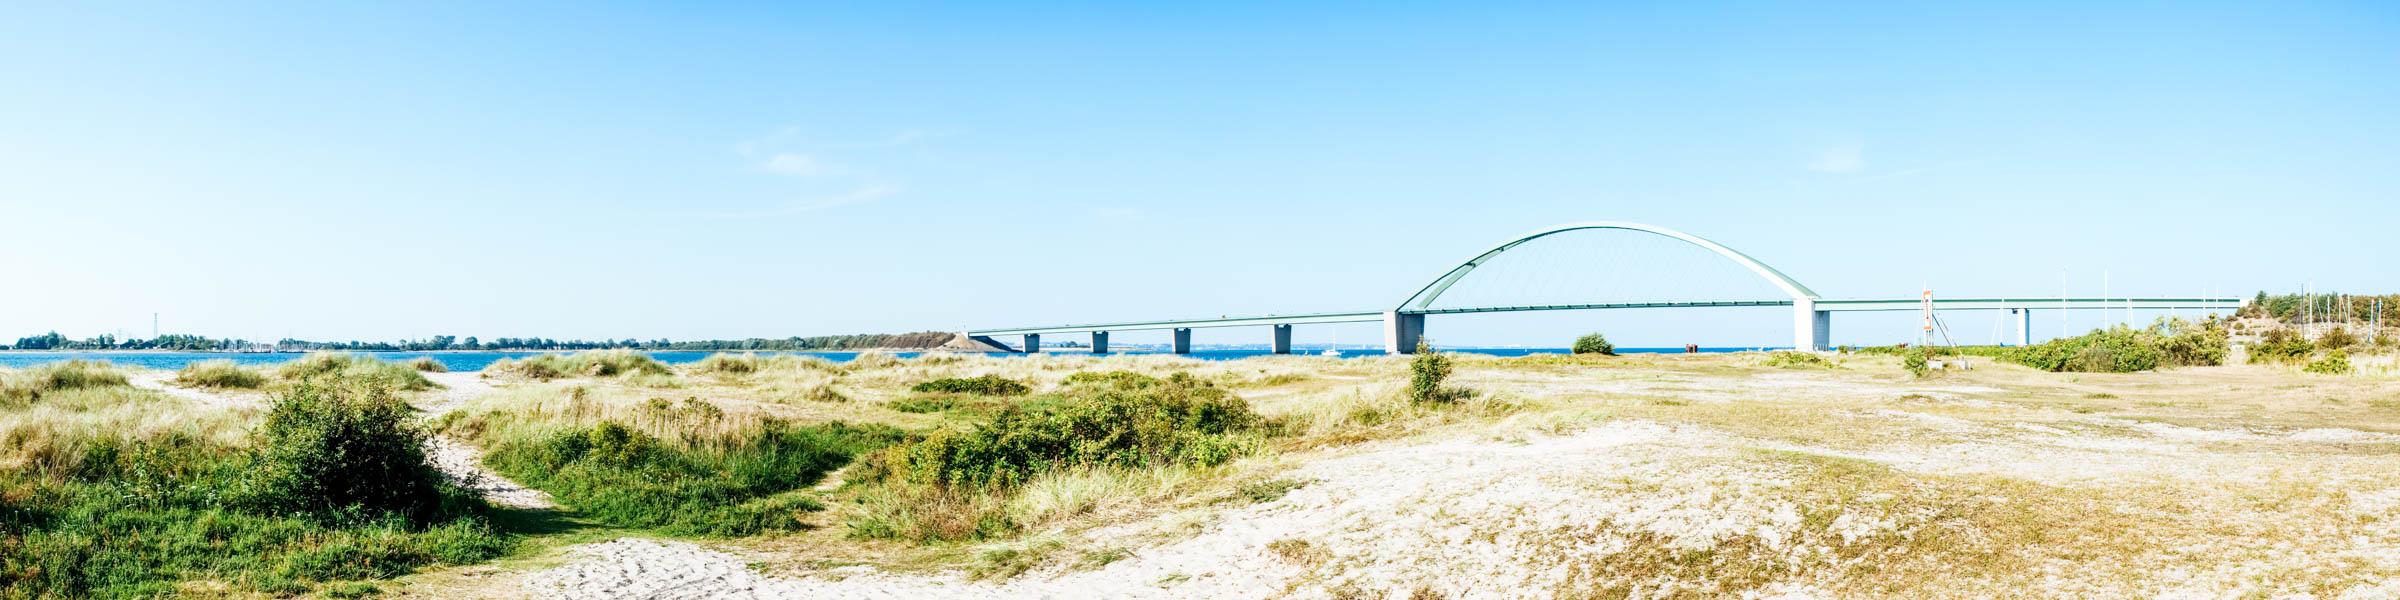 Fehmarnsundbrücke und Dünen vor der Ostsee - Reisetipps Ostsee